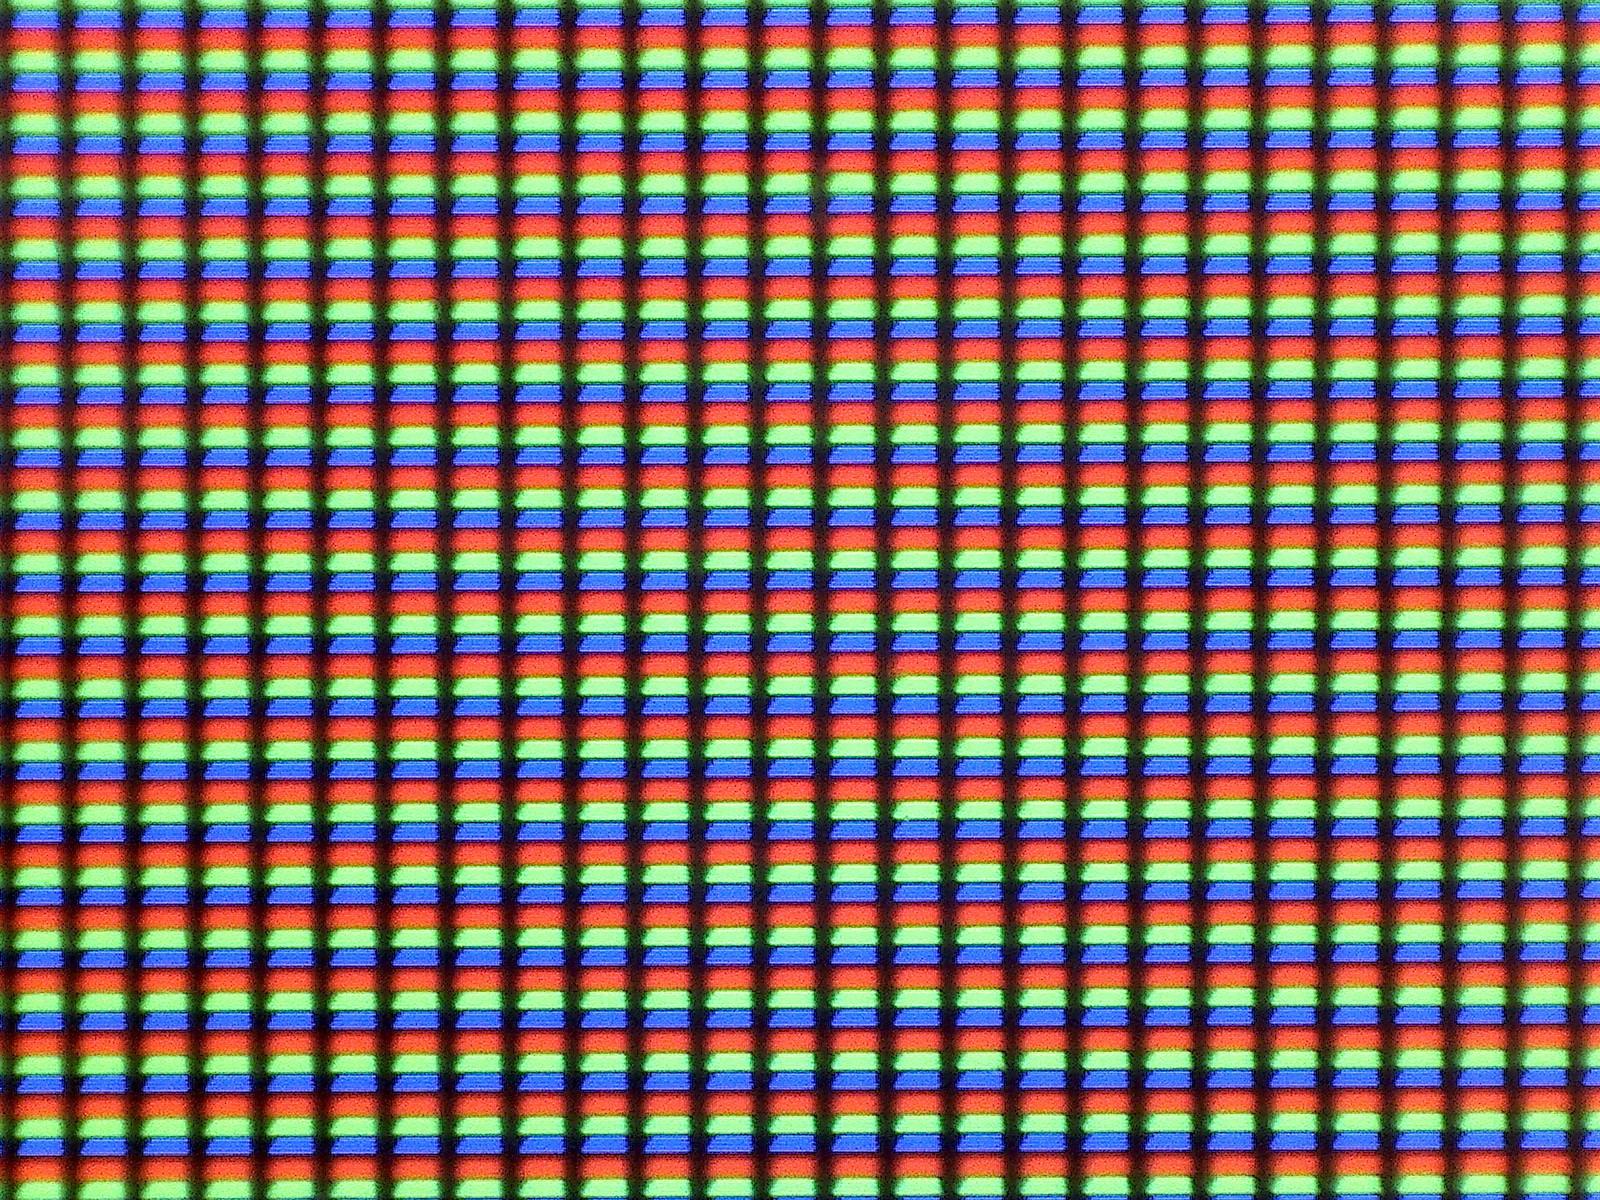 Display - Nokia Lumia 830 Review